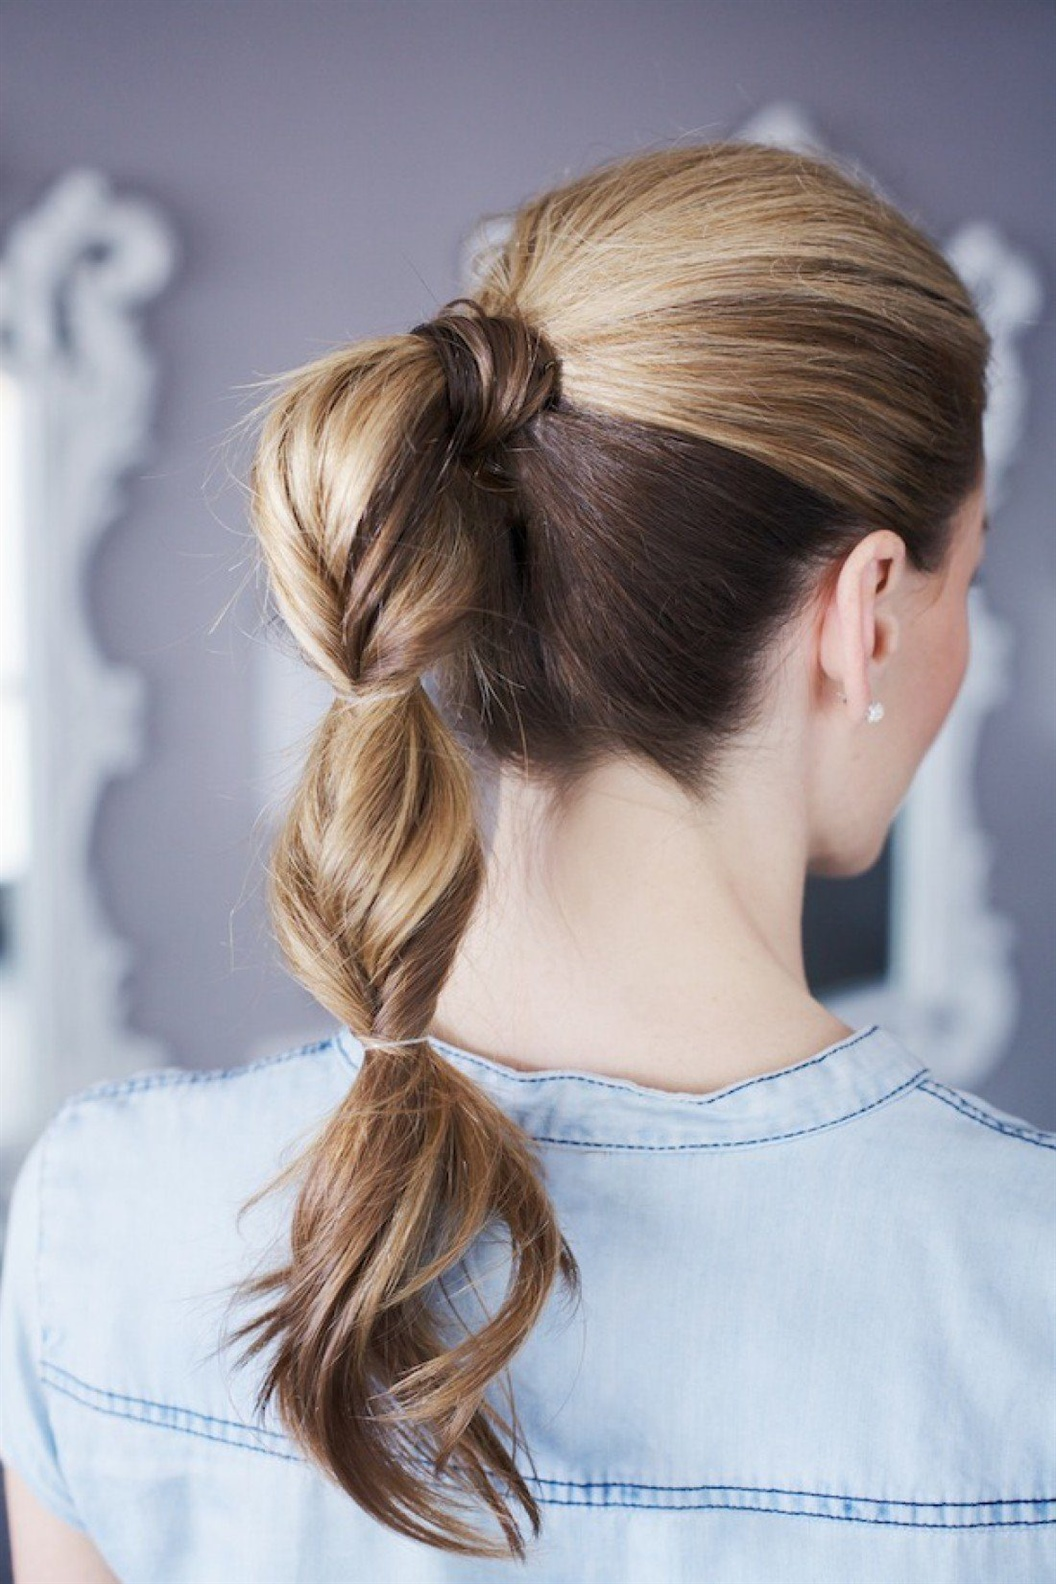 Frisuren Lange Haare Flechten  Elegante ältere Frauen mit langen Haaren werden mit engen Zöpfen gestylt, die mehrere Tage lang getragen werden können. Solche Frisuren wurden von Italienern der Renaissance getragen. Heute liegt dieser Stil wieder im Trend.